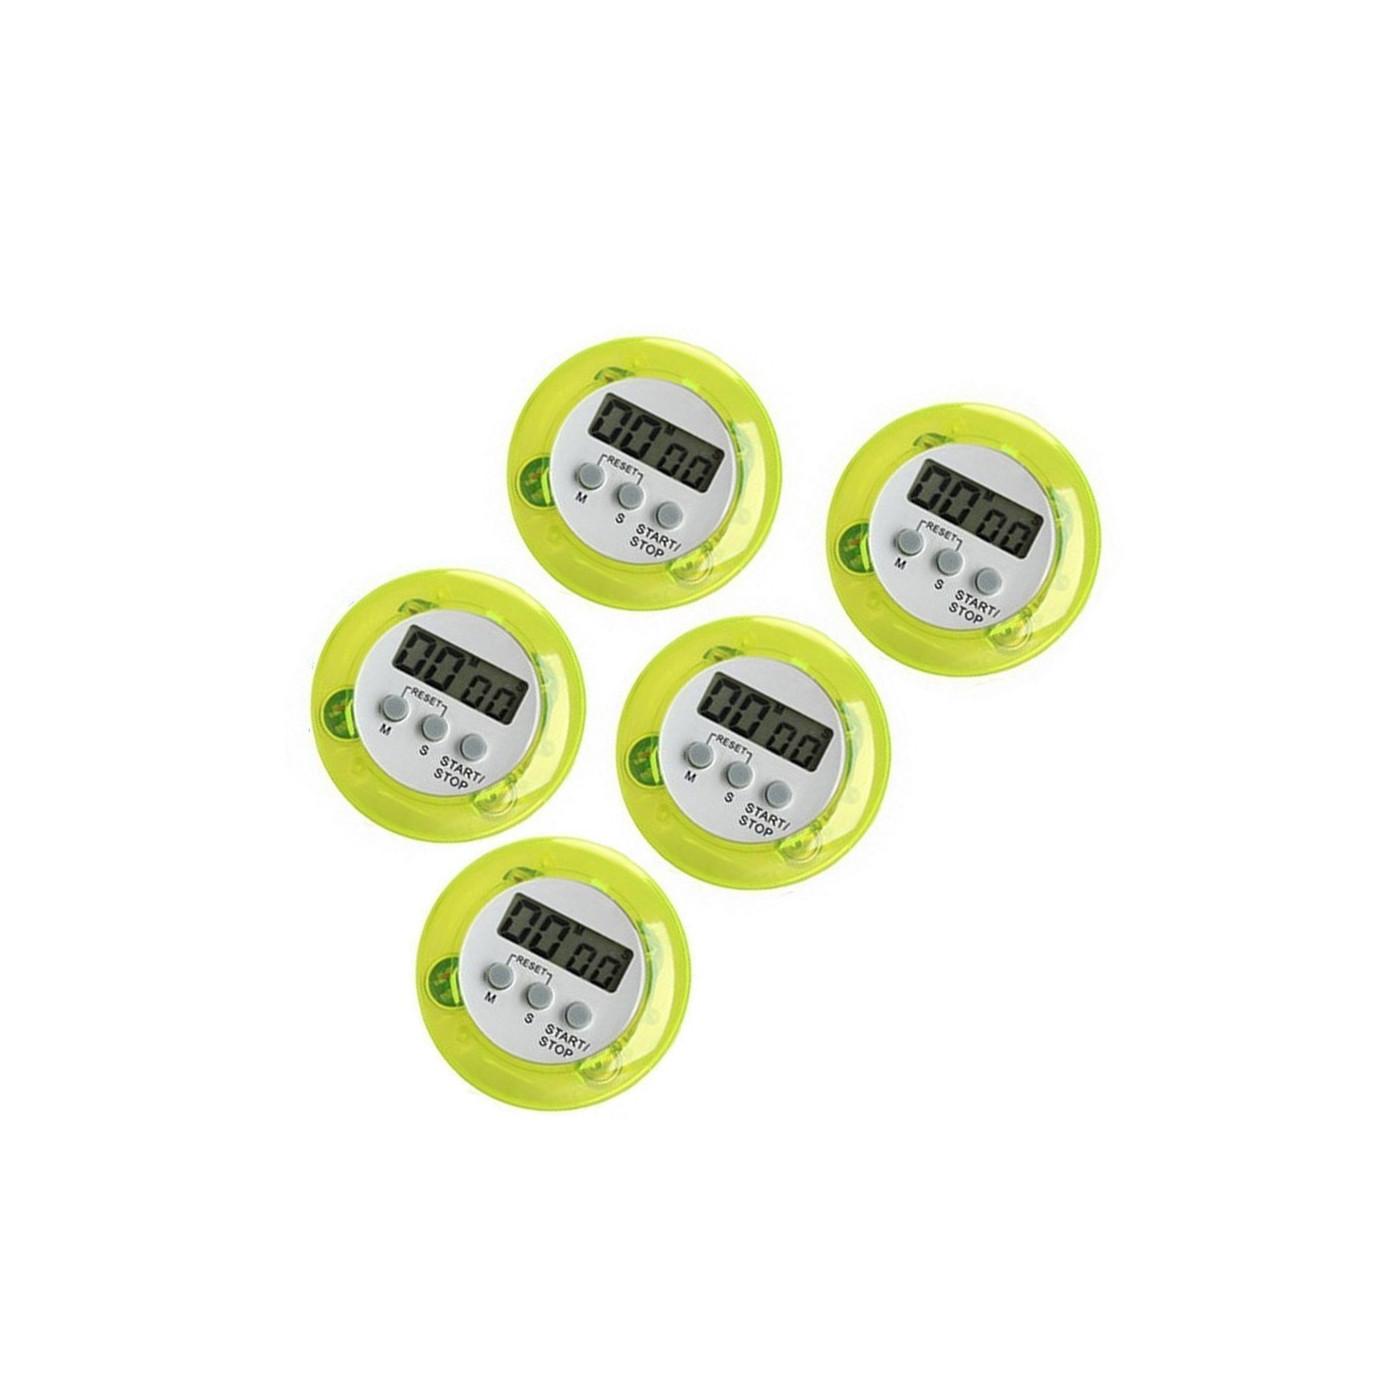 Set van 5 digitale timers, kookwekkers (alarmklok) groen  - 1